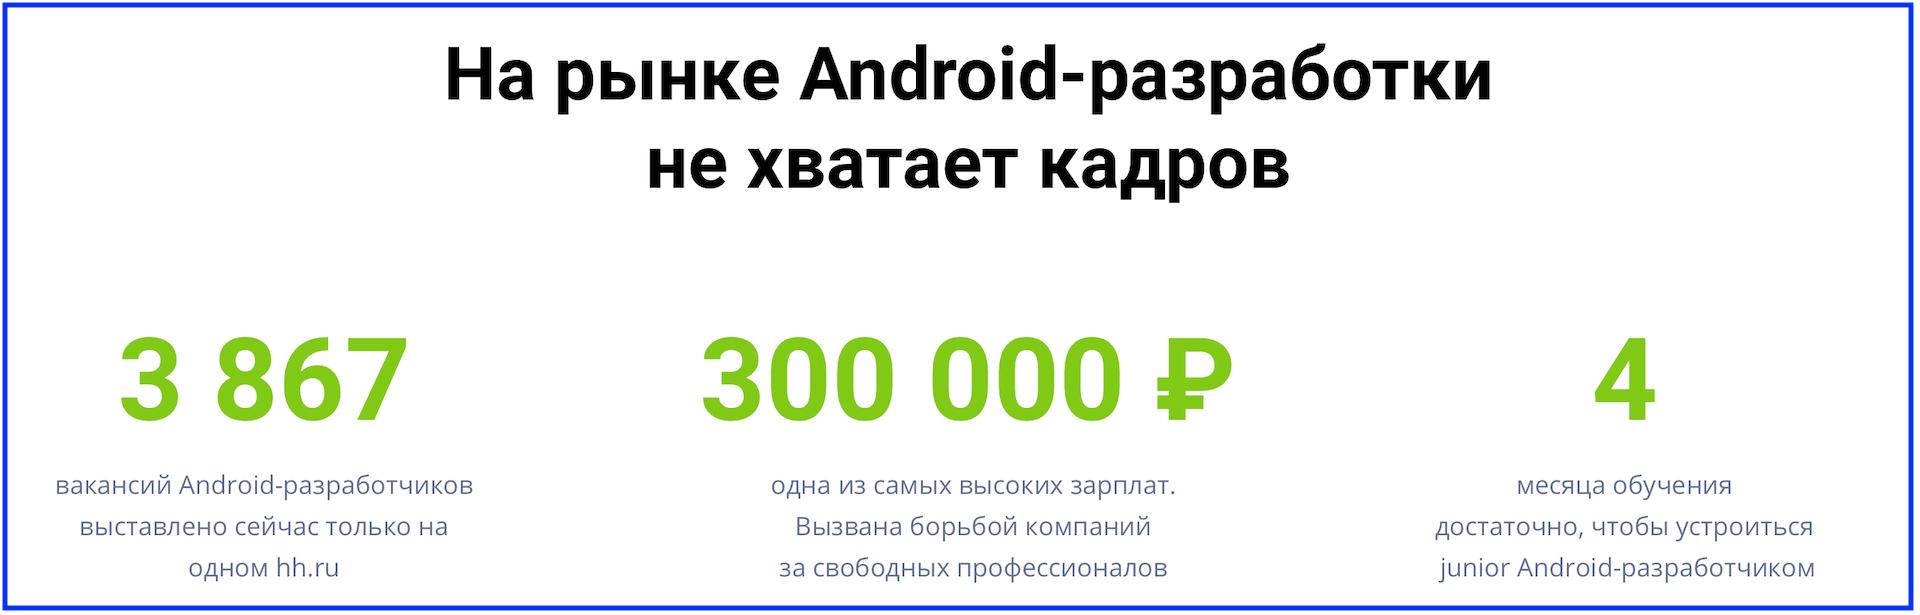 Android-разработчик - это востребованная профессия